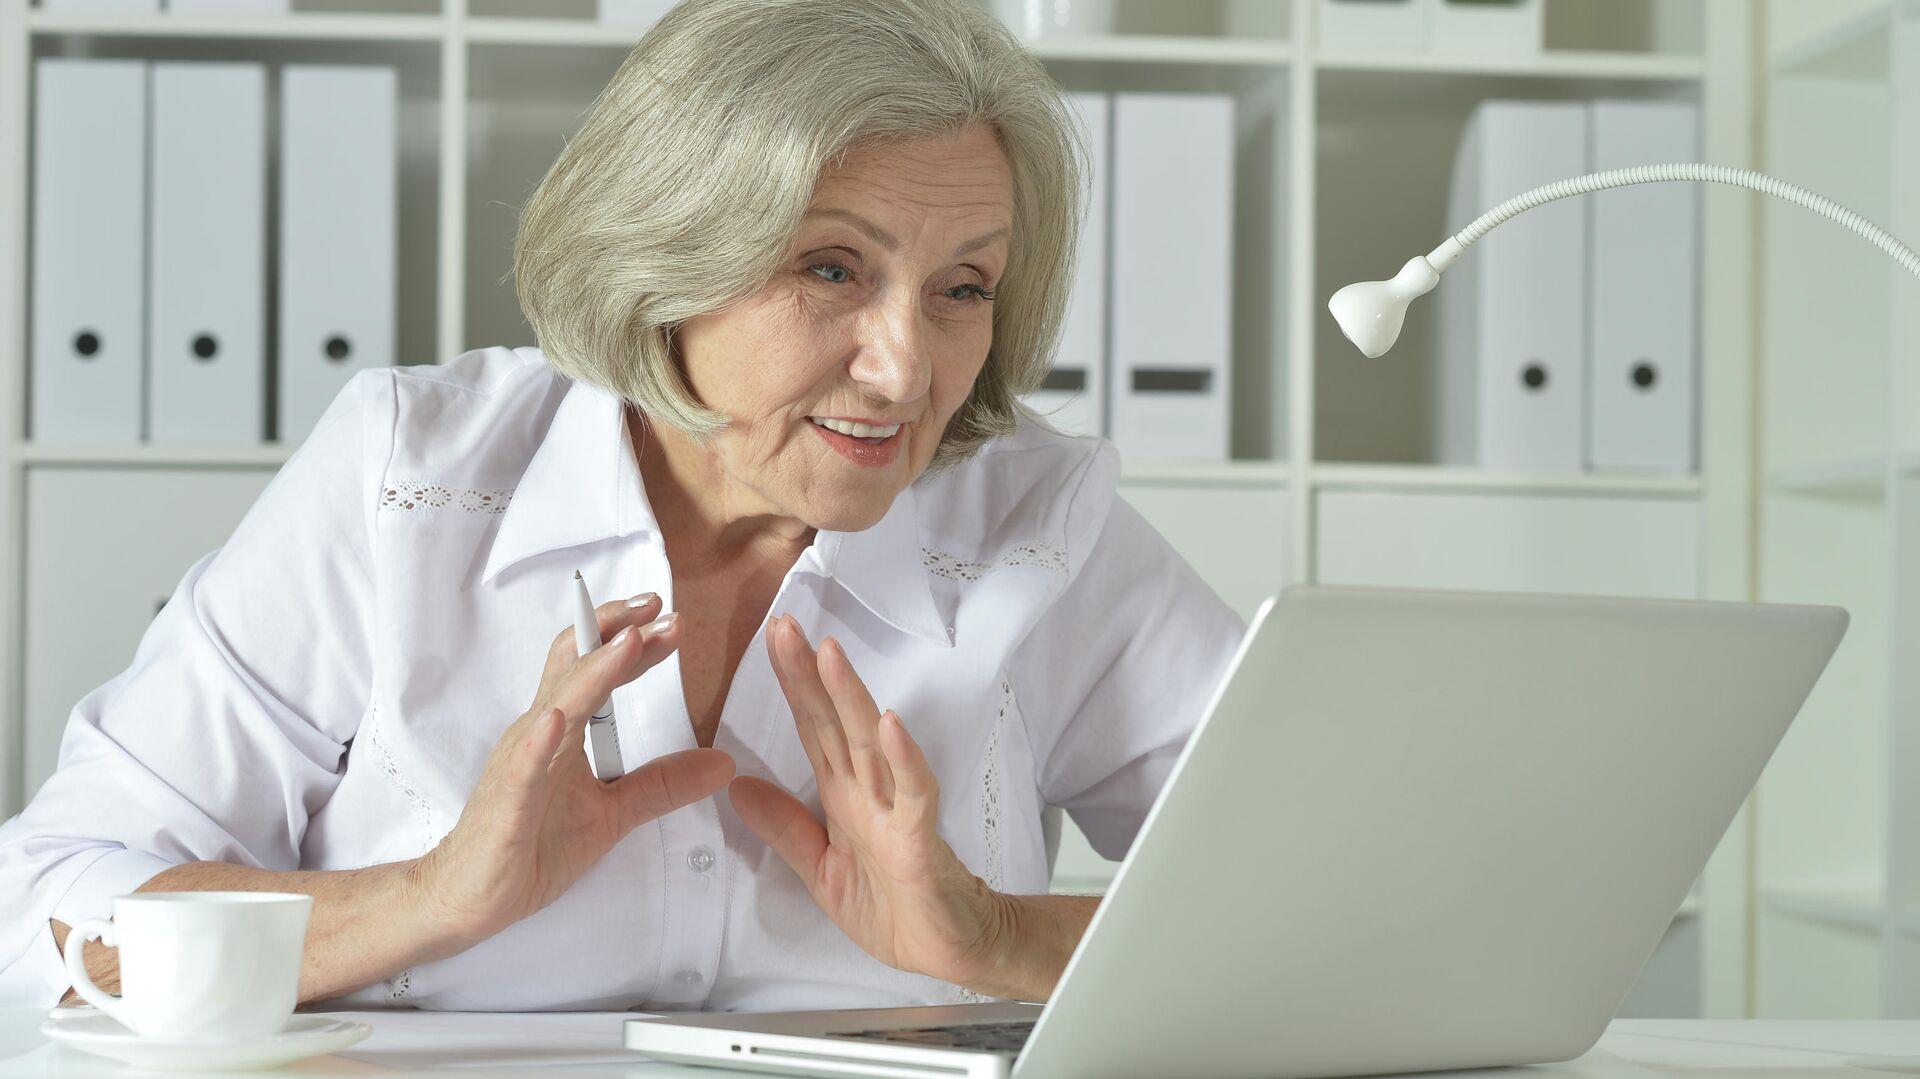 Эксперт рассказал, как накопить финансовый резерв к пенсии